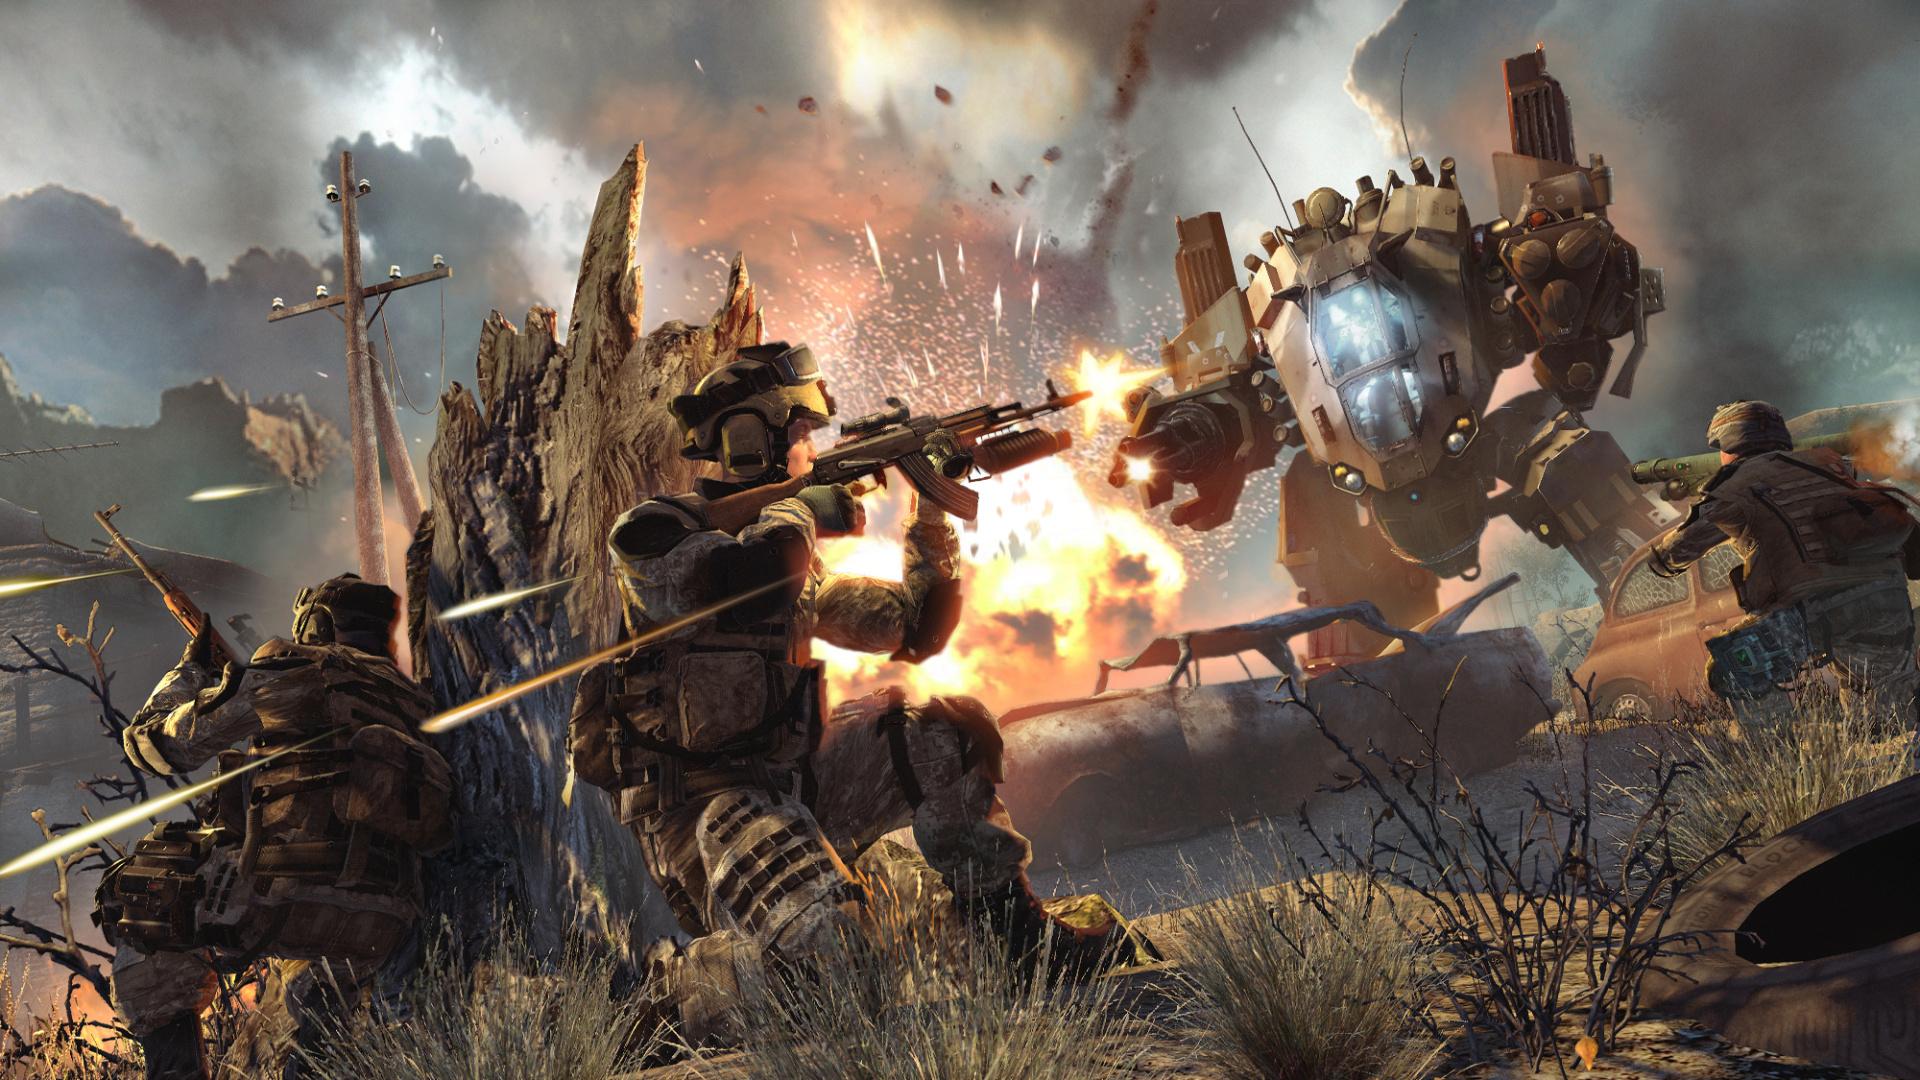 Crytek_Warface_Mech_ActionScreenshot